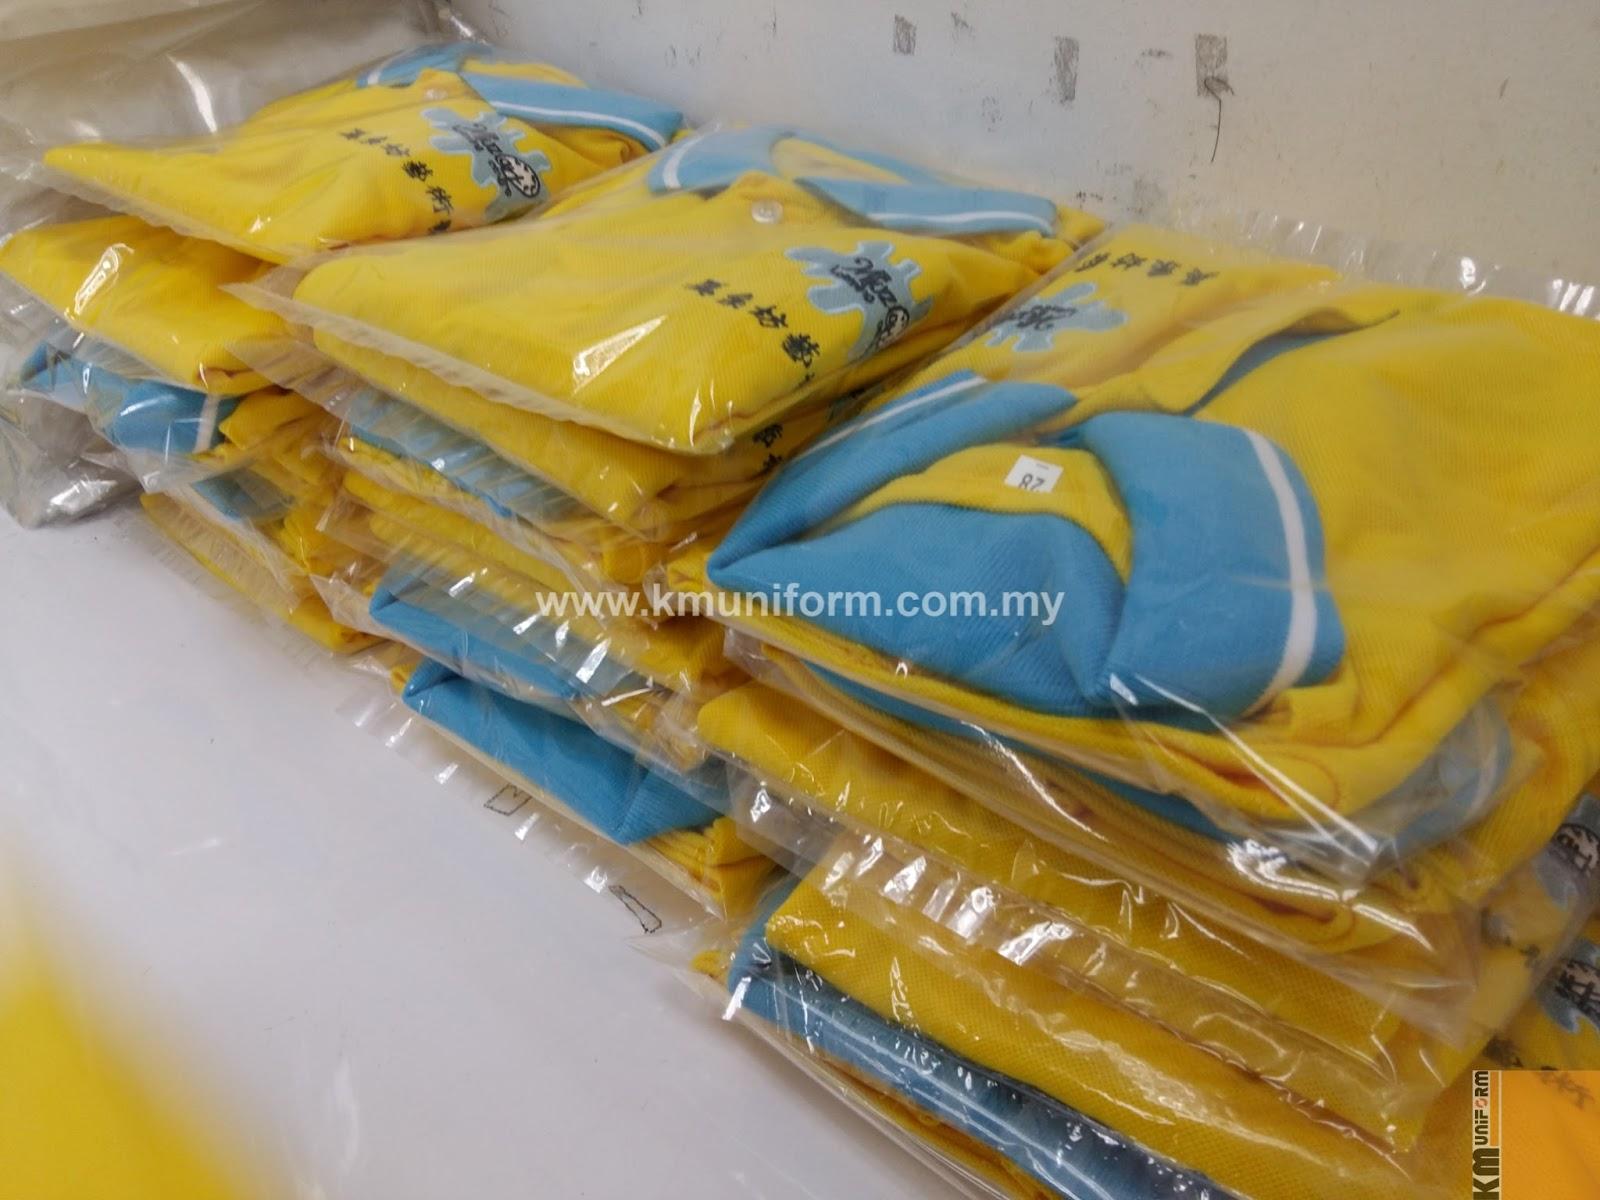 Design t shirt johor - Km Uniform Southern City Giant L1 83 Jalan Suria 19 Taman Putera 81100 Johor Bahru Johor Malaysia Tel 6017 7777842 L Whatapps 6017 7777842